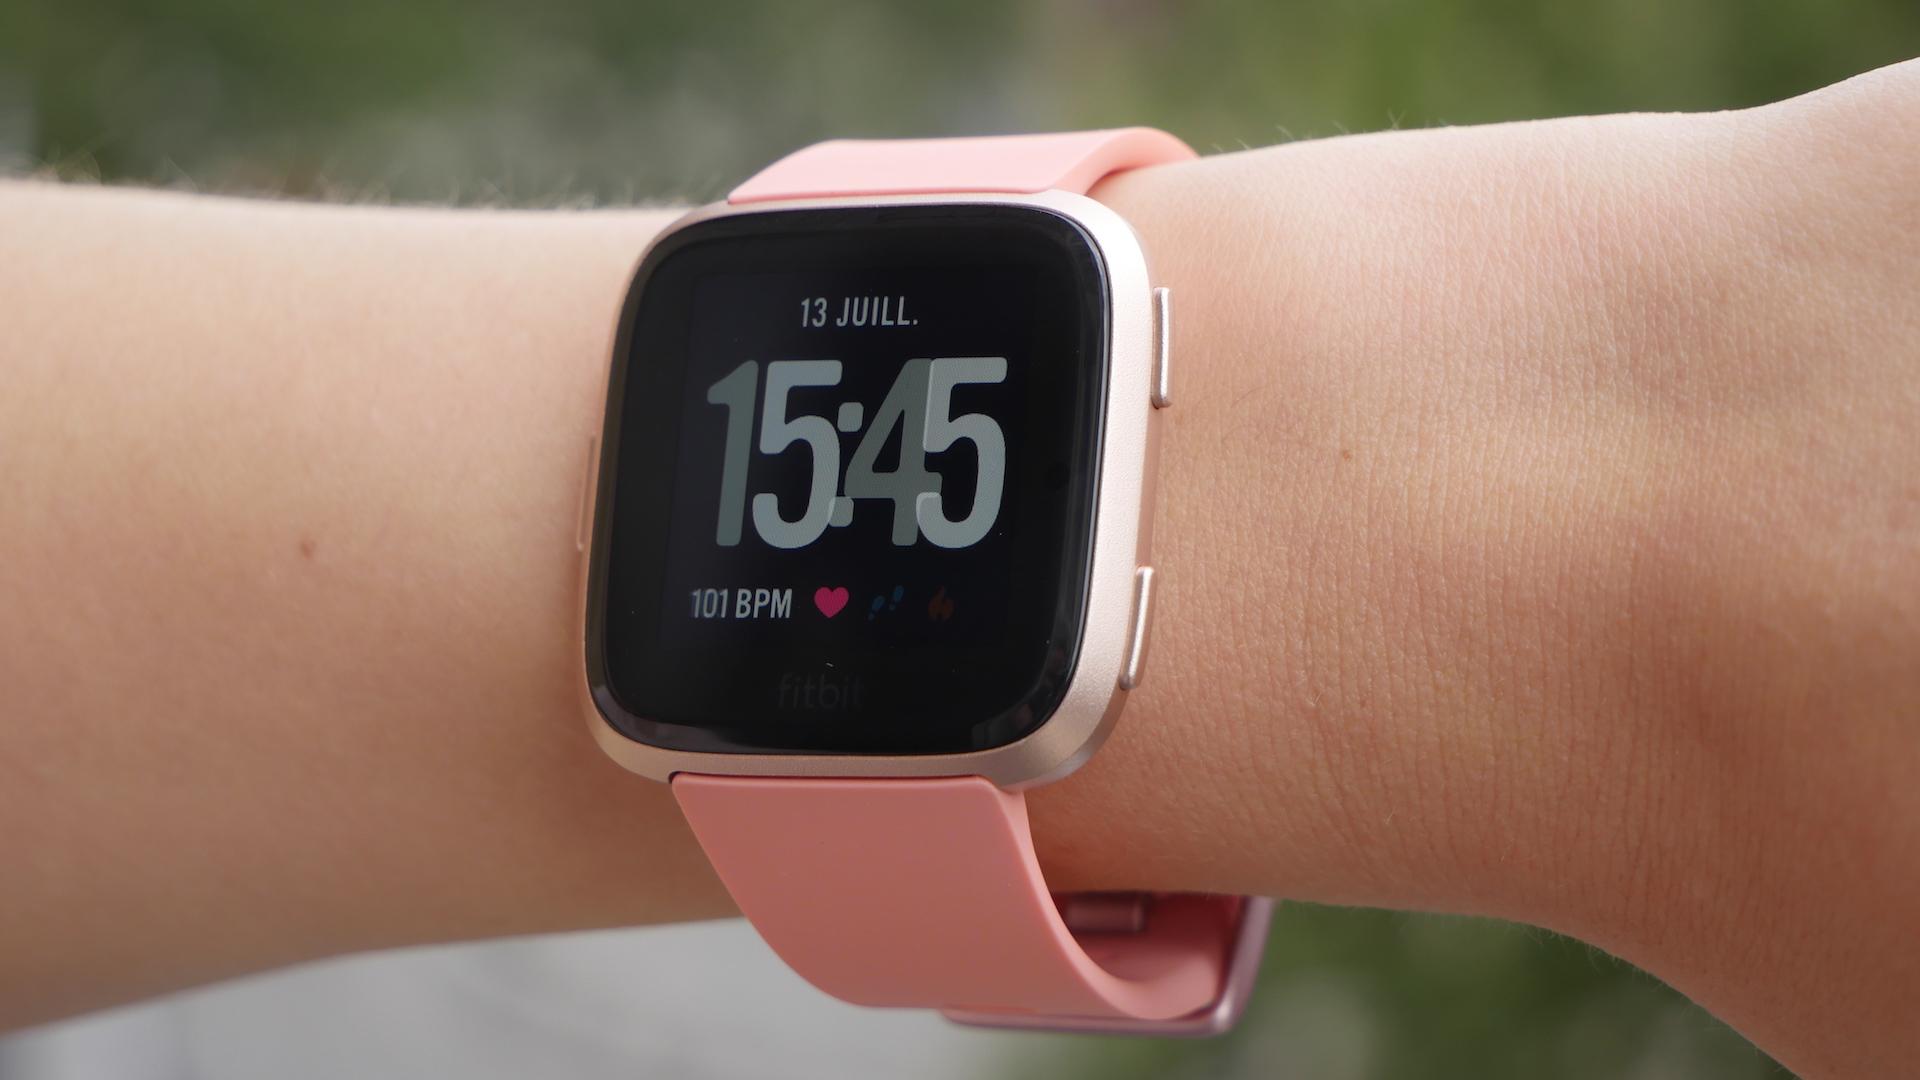 Fil De Peche Rose test de la fitbit versa : une montre qui ne rend pas